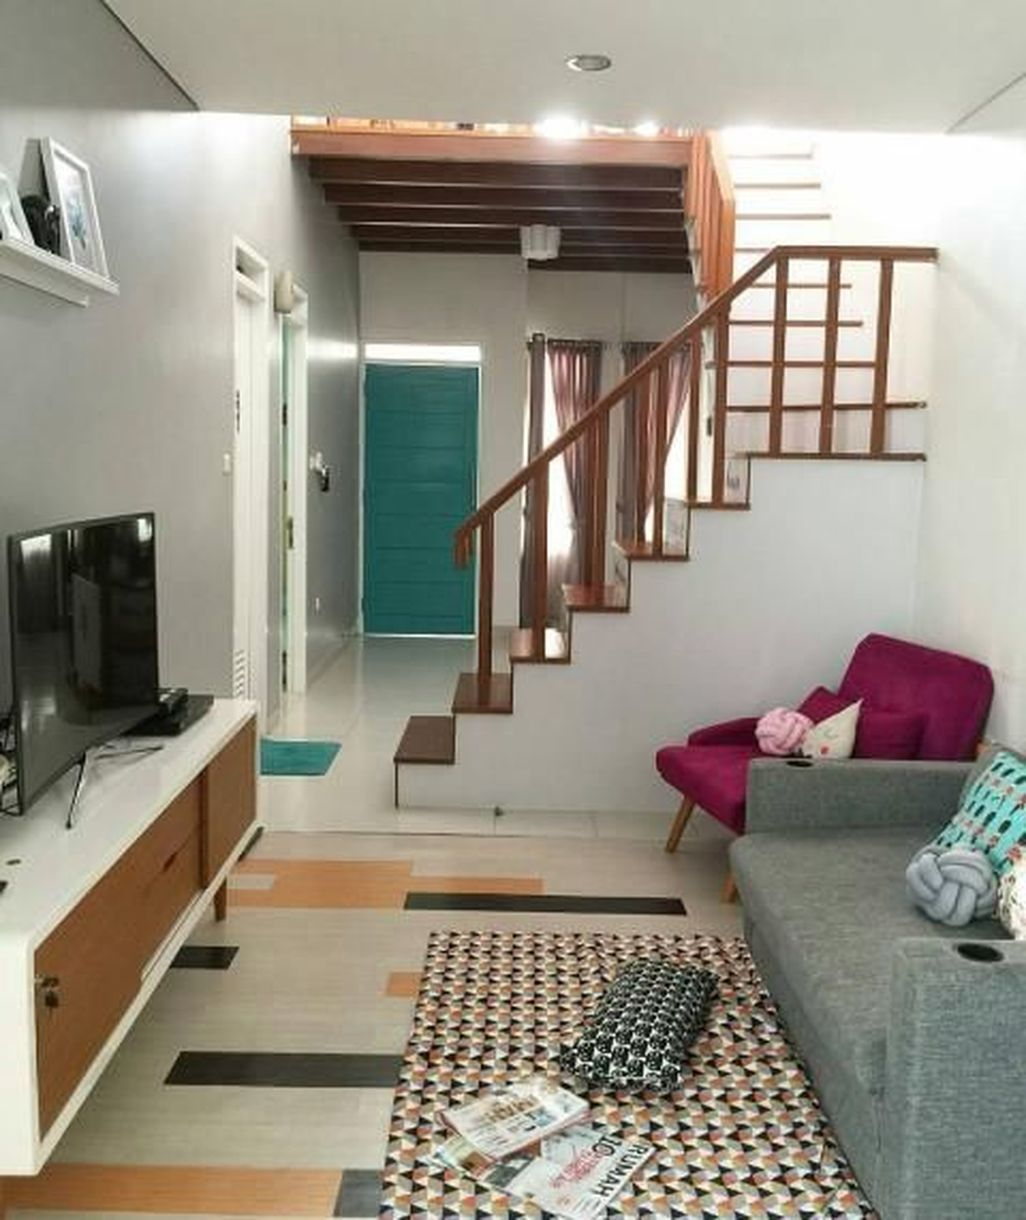 42 Elegant And Cozy Home Desain Ideas